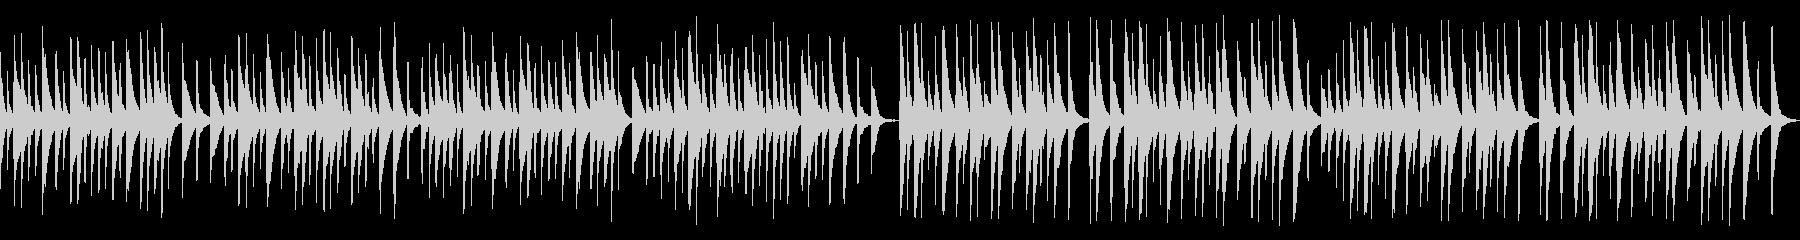 解説や料理番組に木琴レトロジャズ(ループの未再生の波形